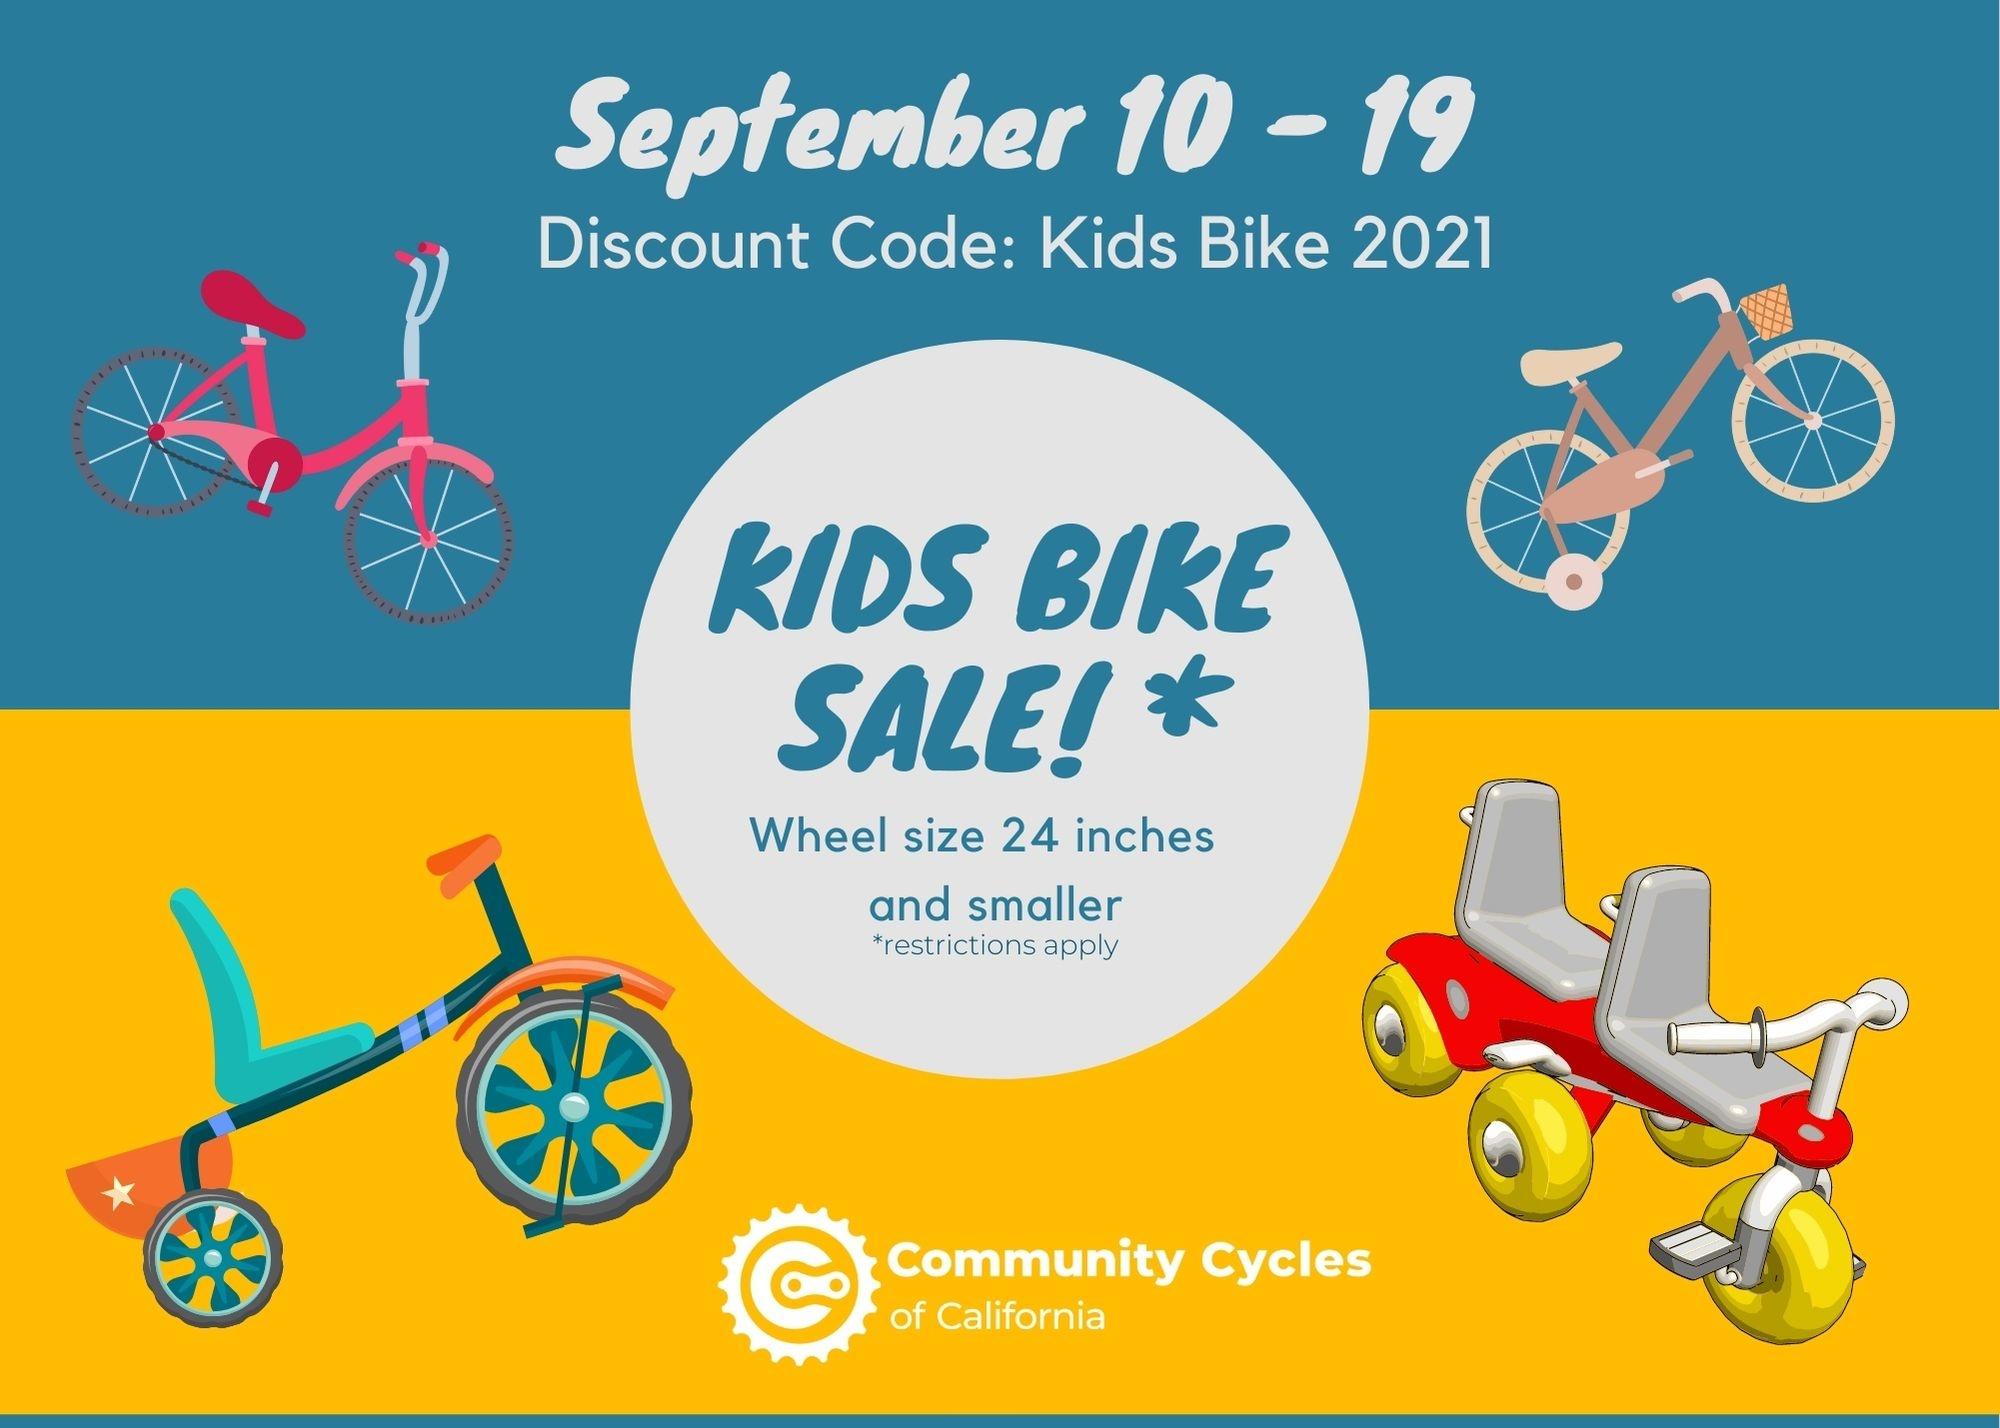 Kids Bike Sale 2021